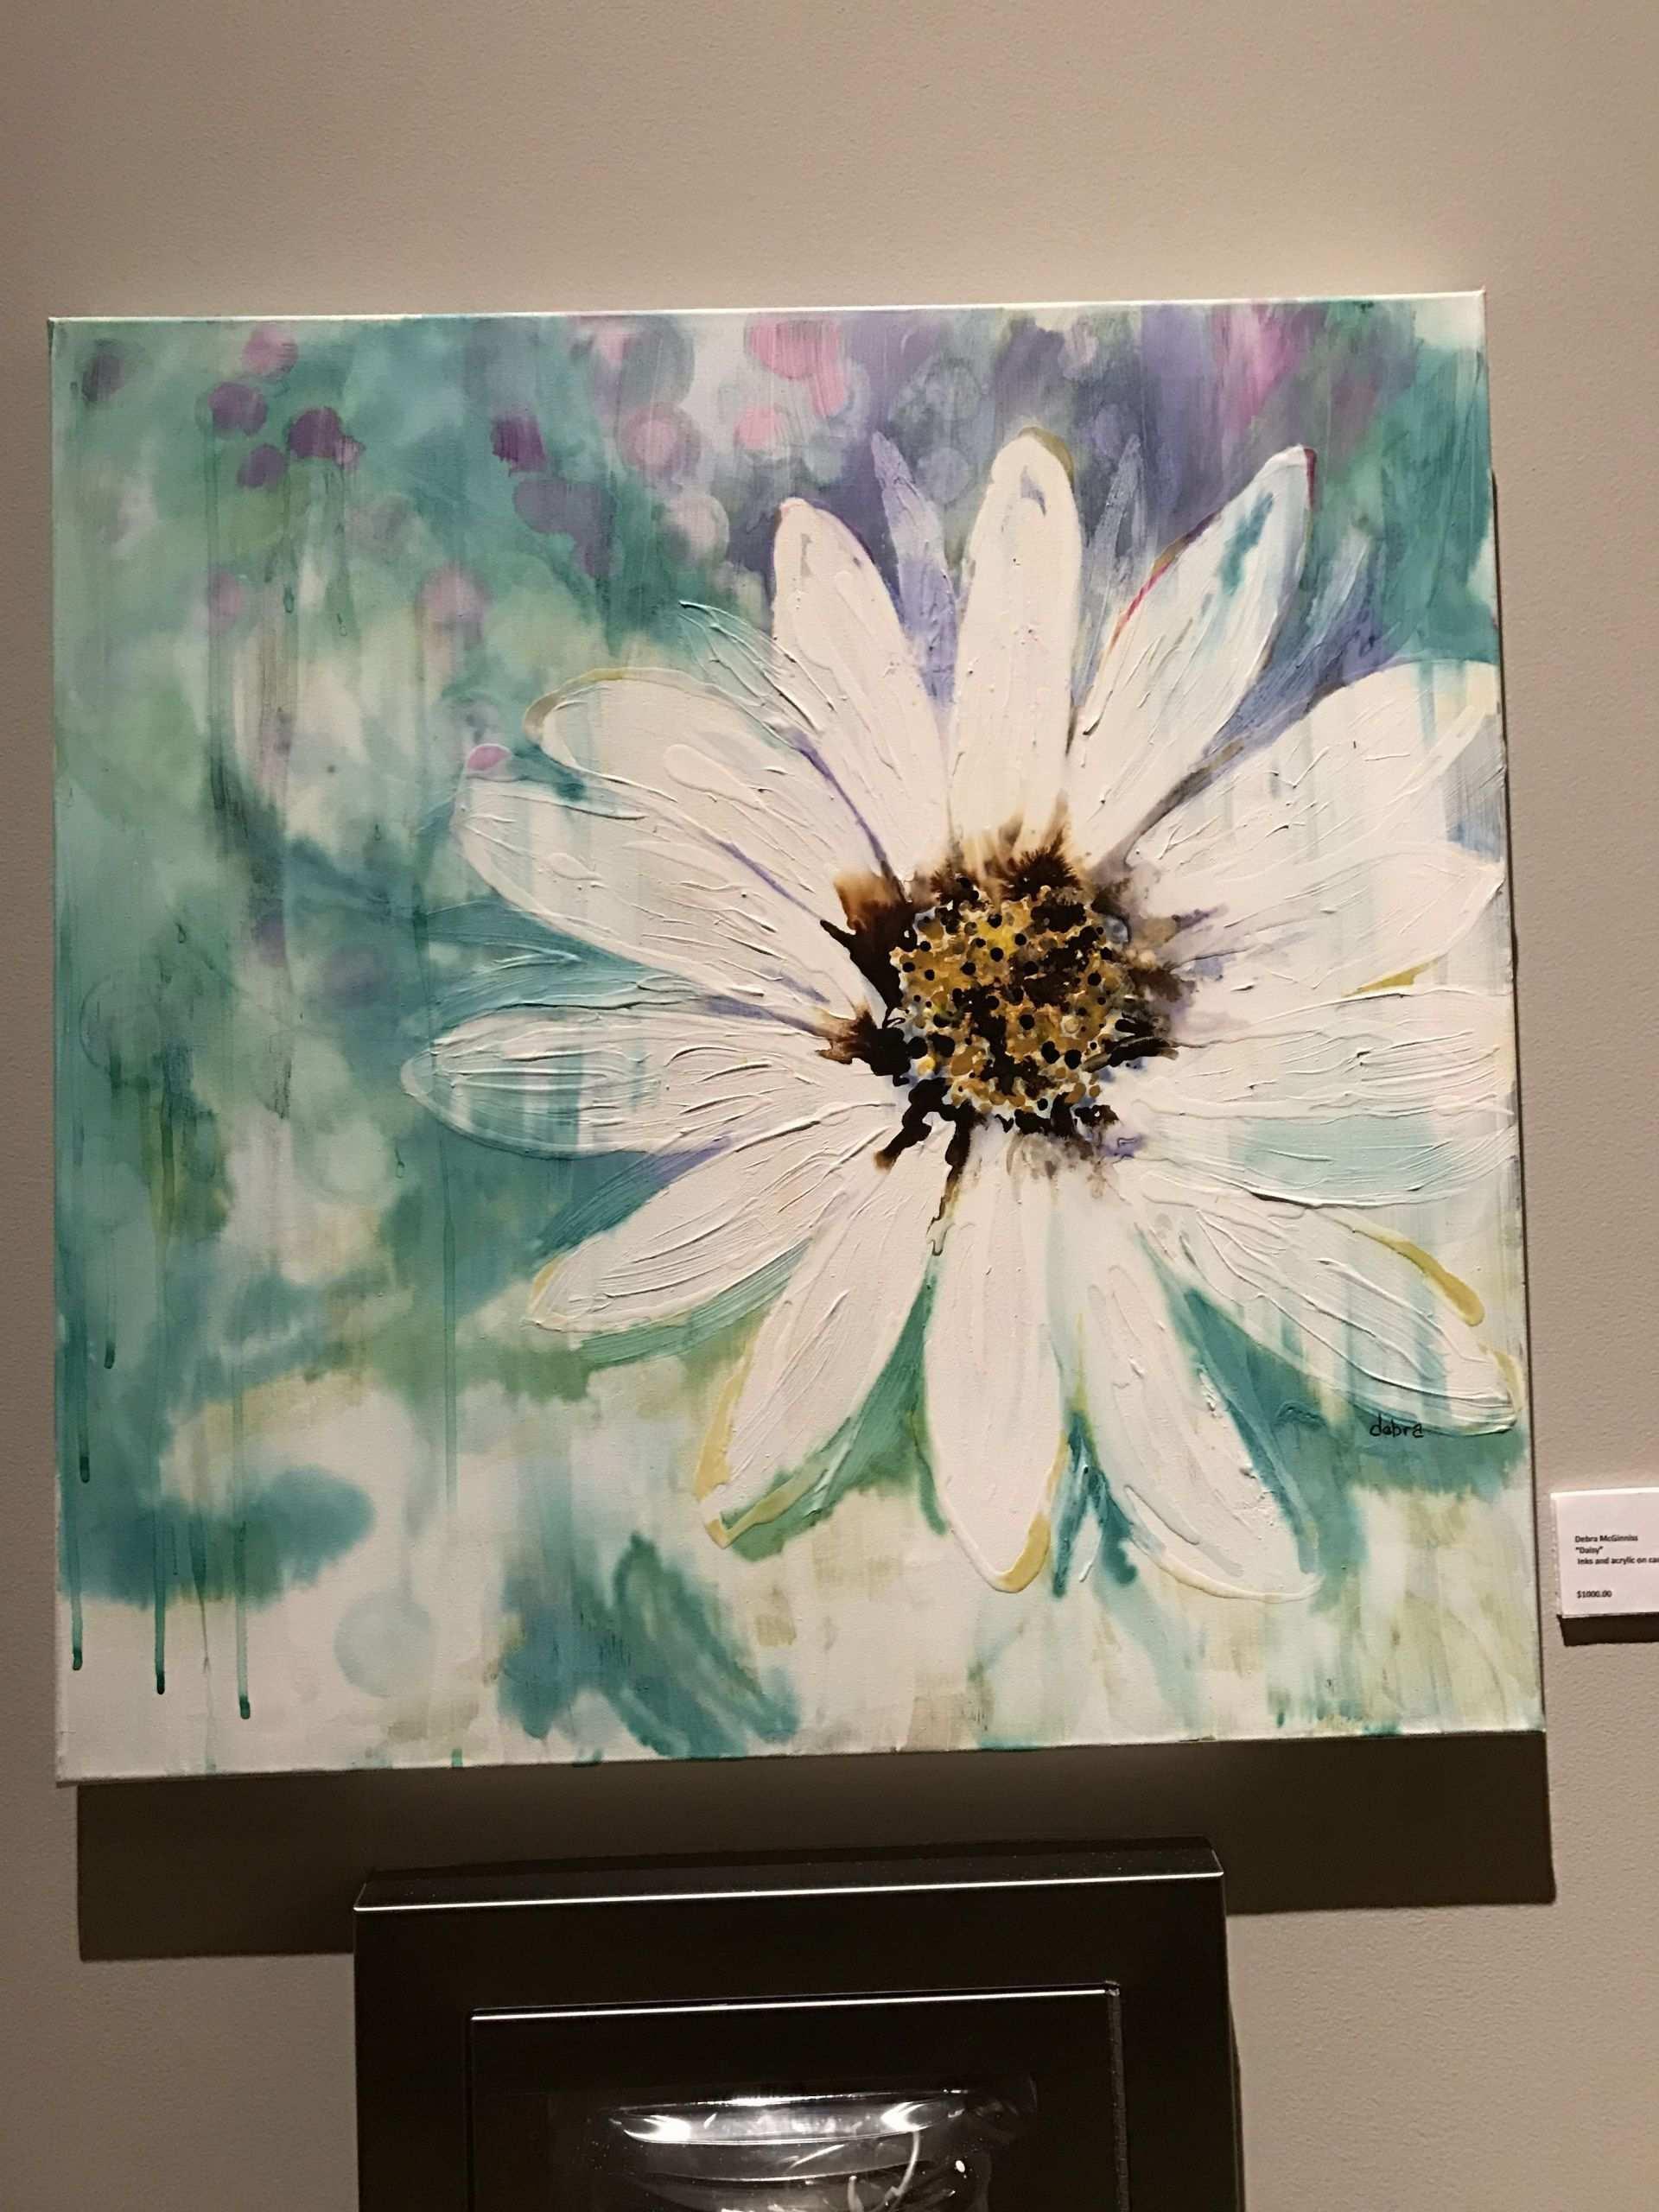 Die Besten Von Acrylbilder Blumen Malen Kostenlos In 2020 Painting Pictures To Paint Art